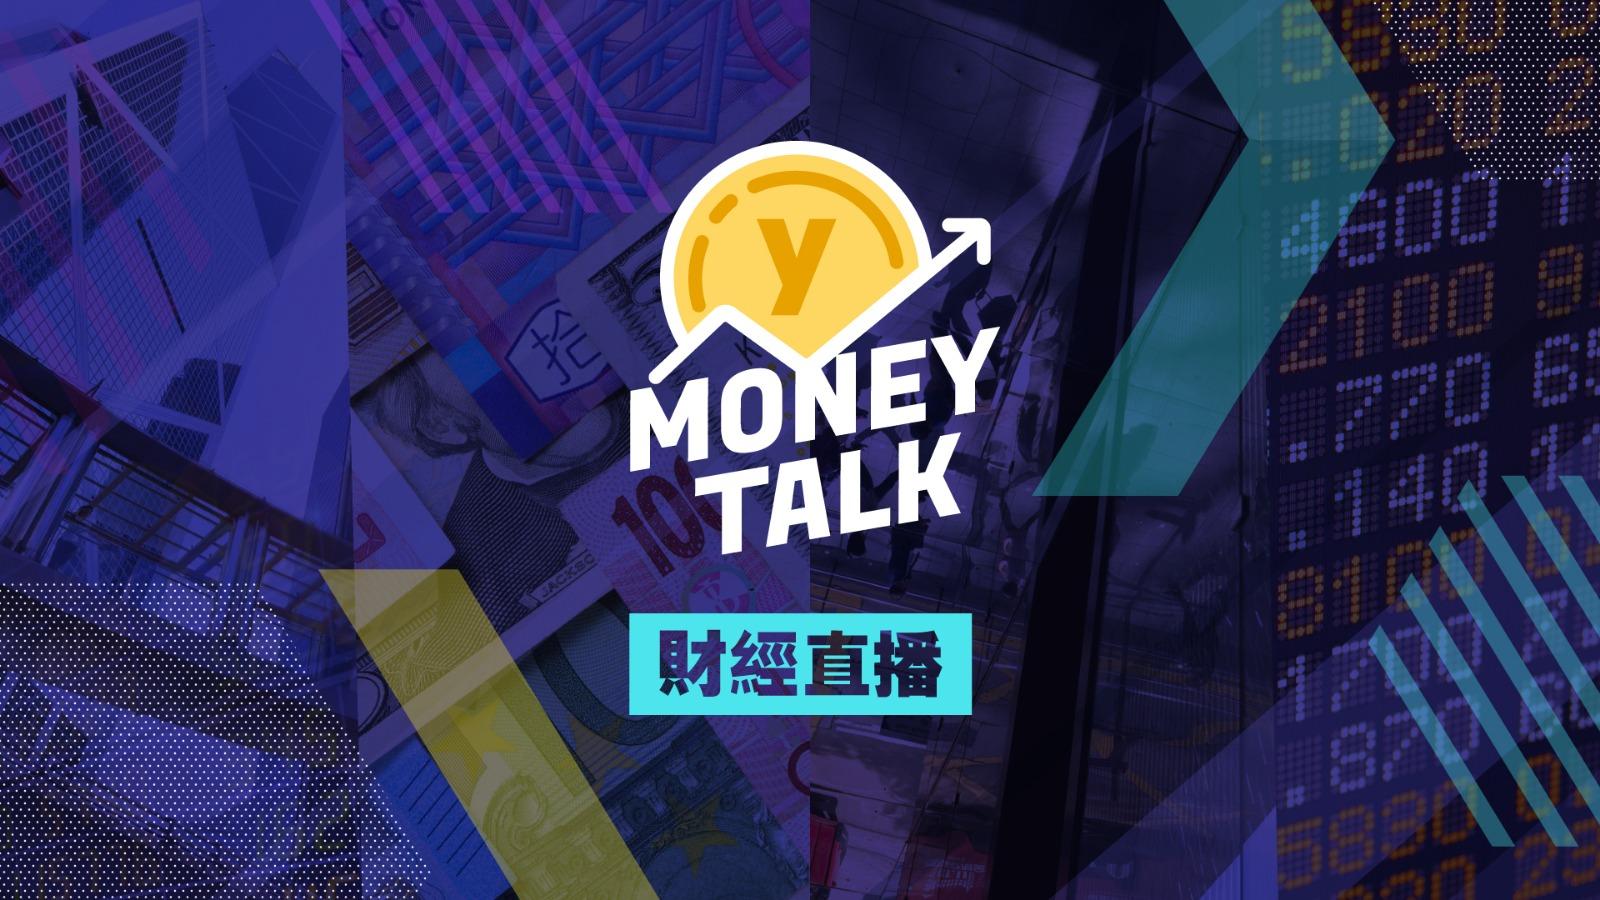 【MoneyTalk直播】美股納指強勢持續 蘋果股價有望再上?